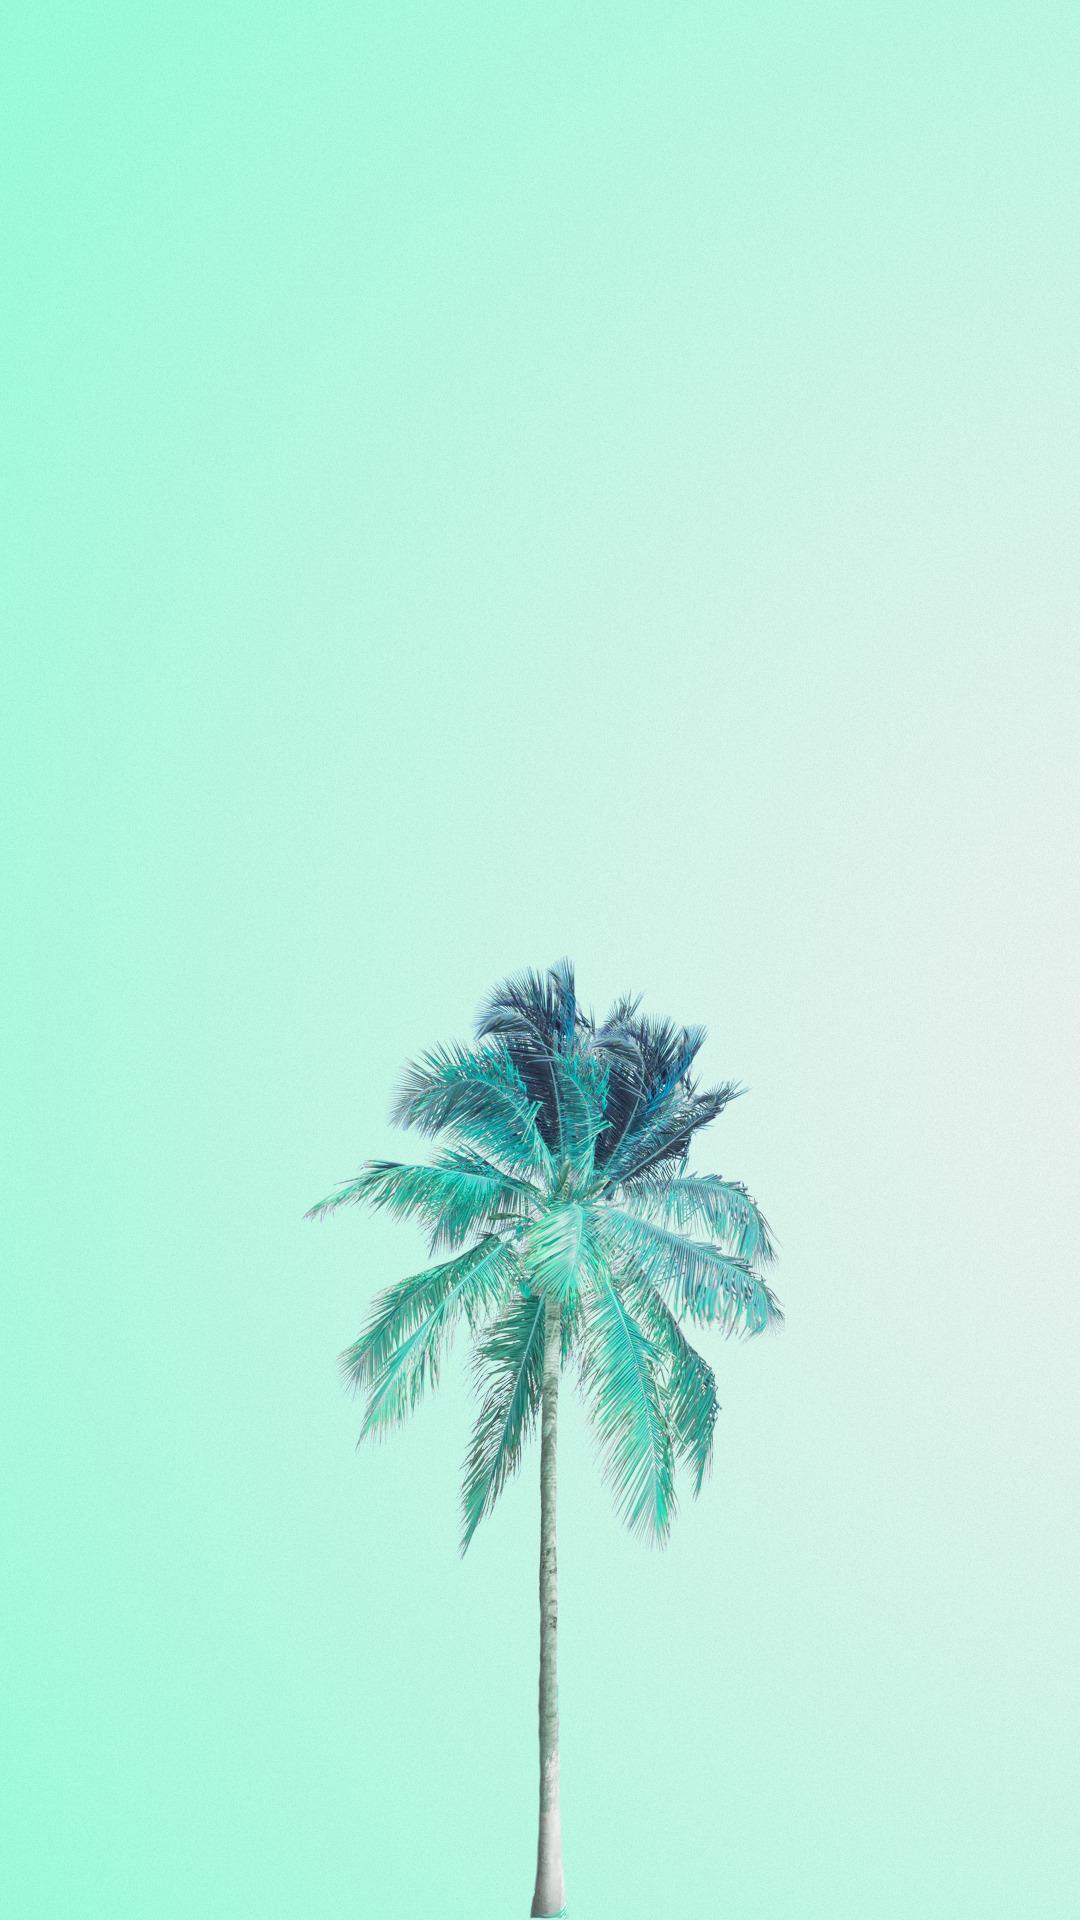 Cmyk Hijau Tosca : hijau, tosca, Background, Warna, Hijau, Tosca, Gambar